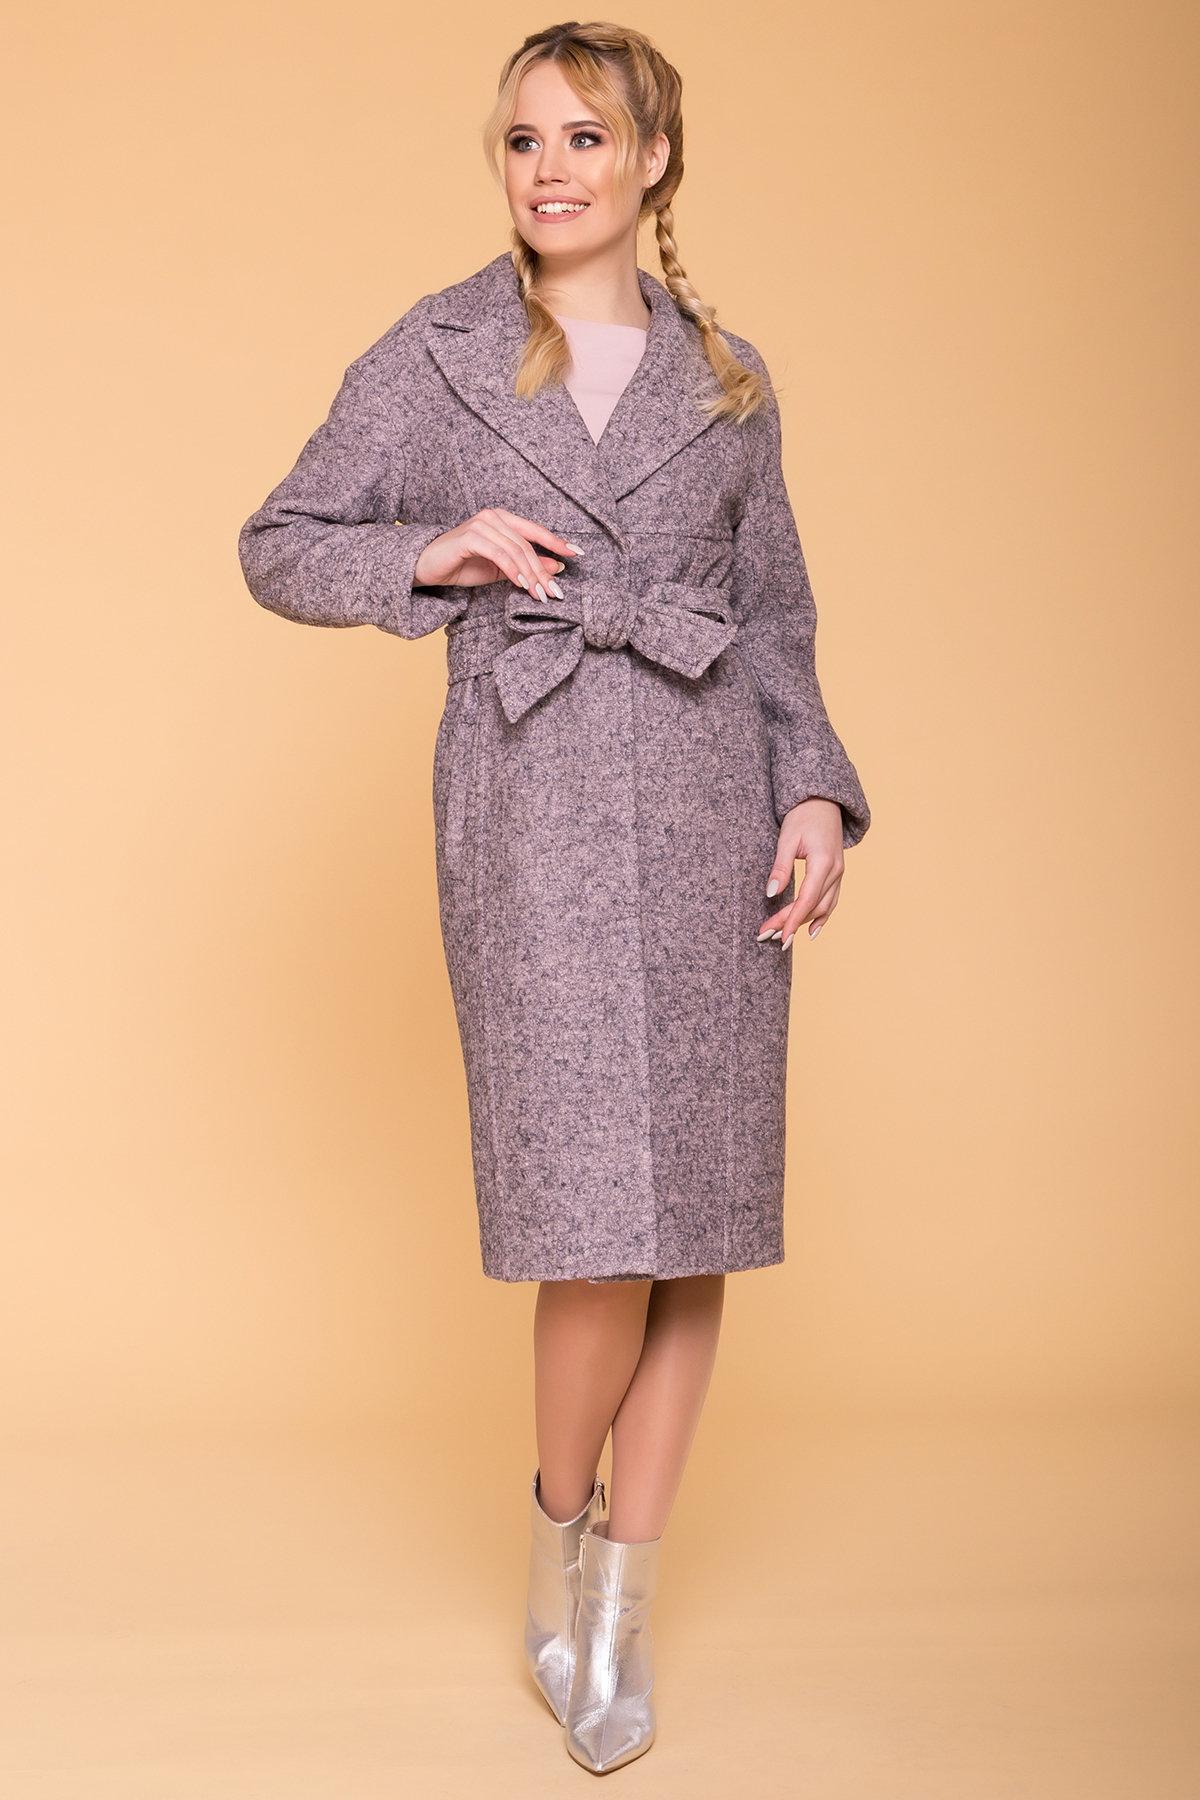 Пальто весна-осень c приспущенной линией плеча Фентези лайт 6365 АРТ. 41230 Цвет: Серо-розовый LW-25 - фото 3, интернет магазин tm-modus.ru